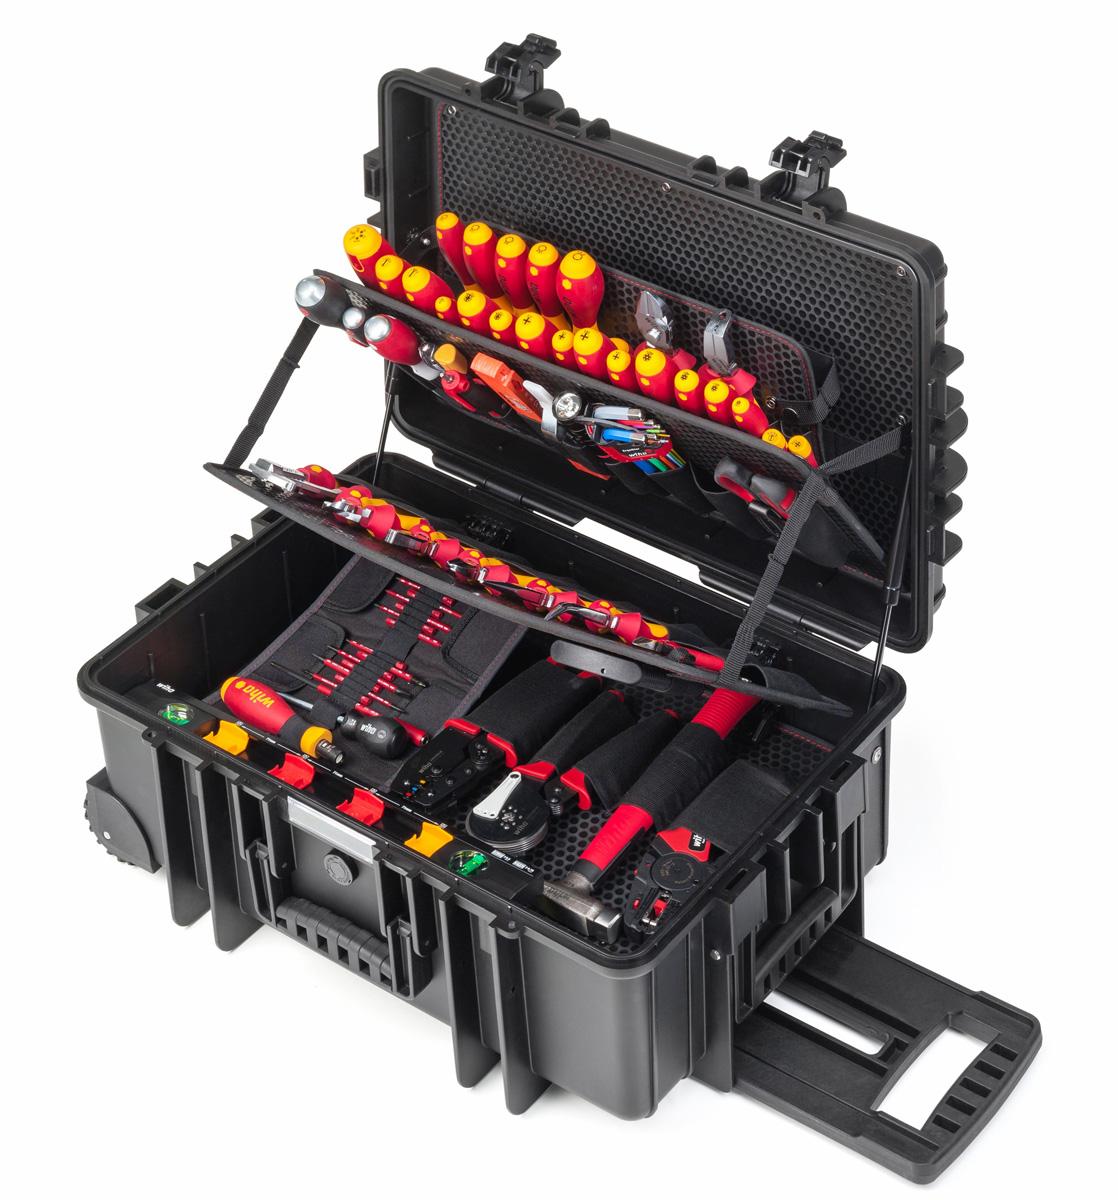 abbildung-1-nicht-irgendein-neuer-werkzeugkoffer-wiha-praesentiert-den-echten-elektriker-koffer.jpg